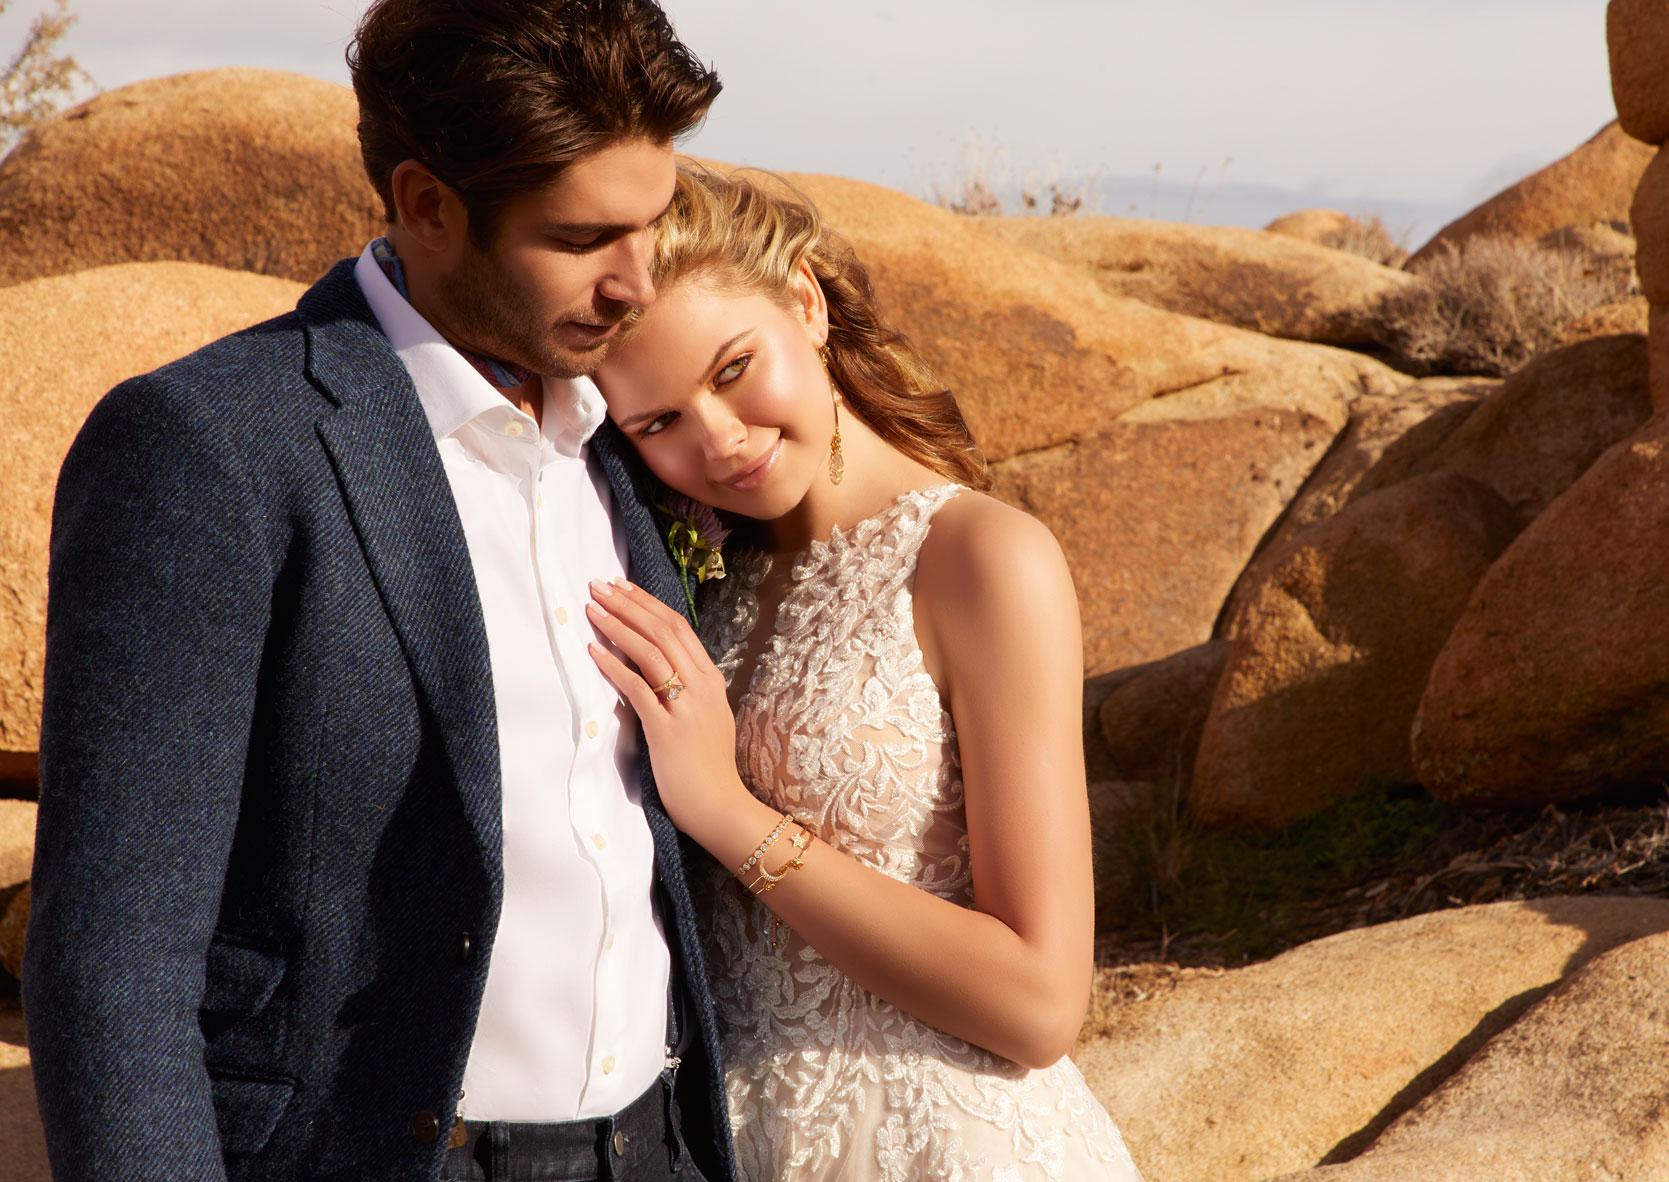 Hochzeitskleid_Standesamt_lang-Standesamtkleid_Schwangerschaft